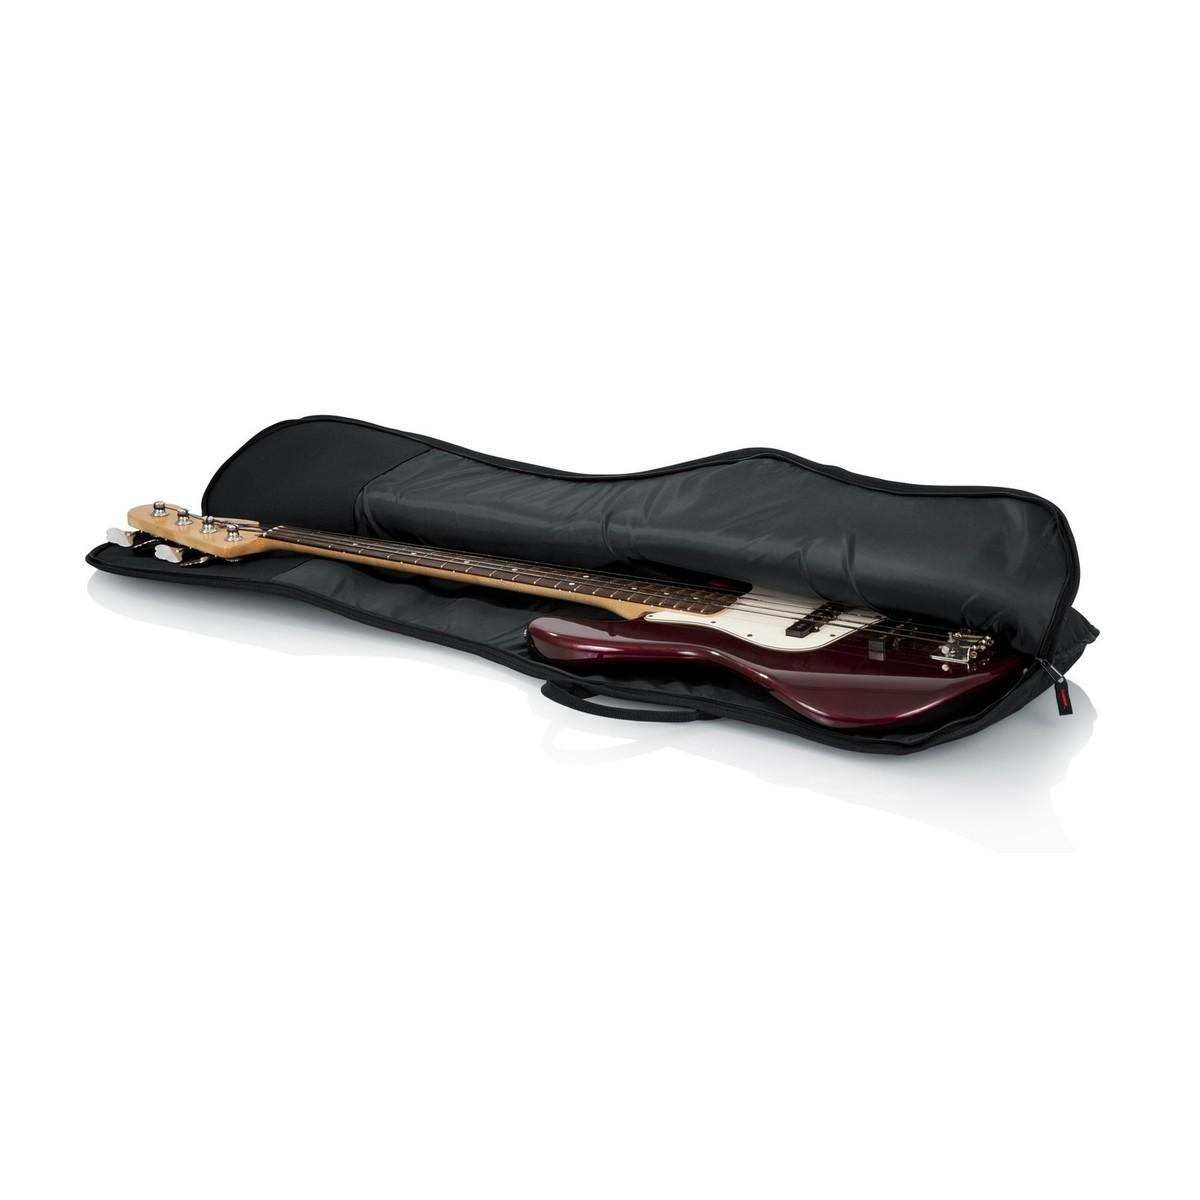 gator gbe bass bass guitar gig bag